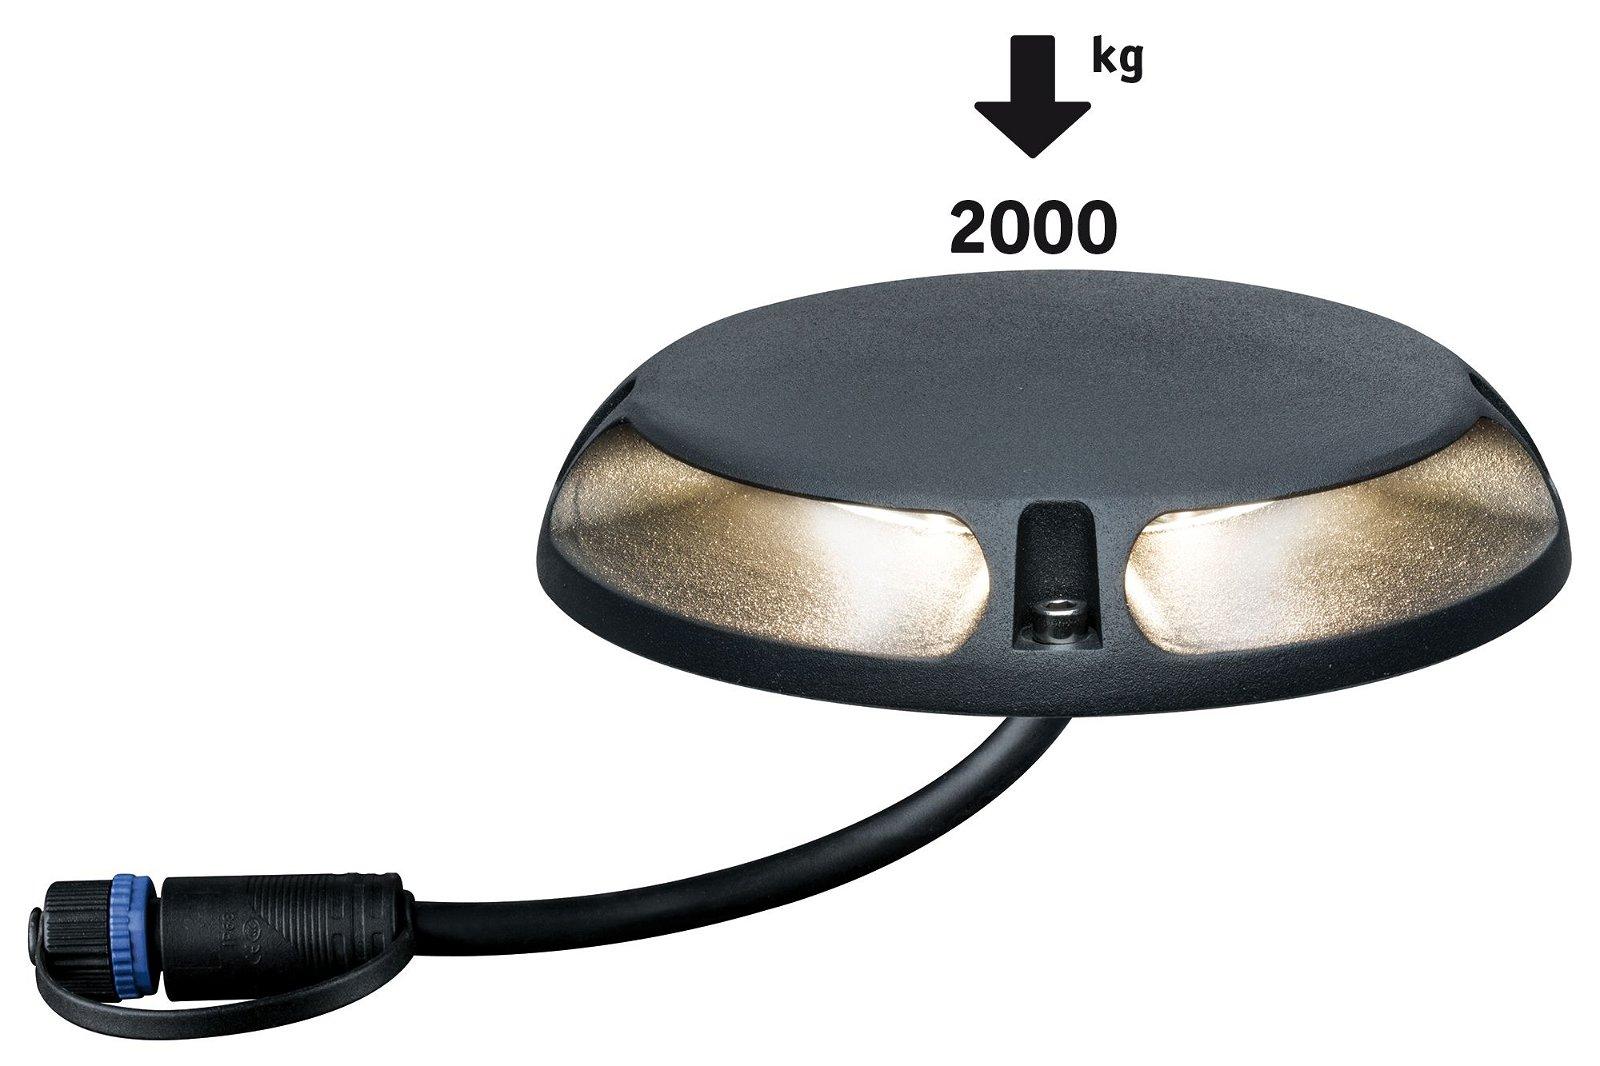 Plug & Shine Luminaire encastré à poser sur le sol LED Blanc chaud Émission lumineuse double, 180° IP67 3000K 2x3W Anthracite